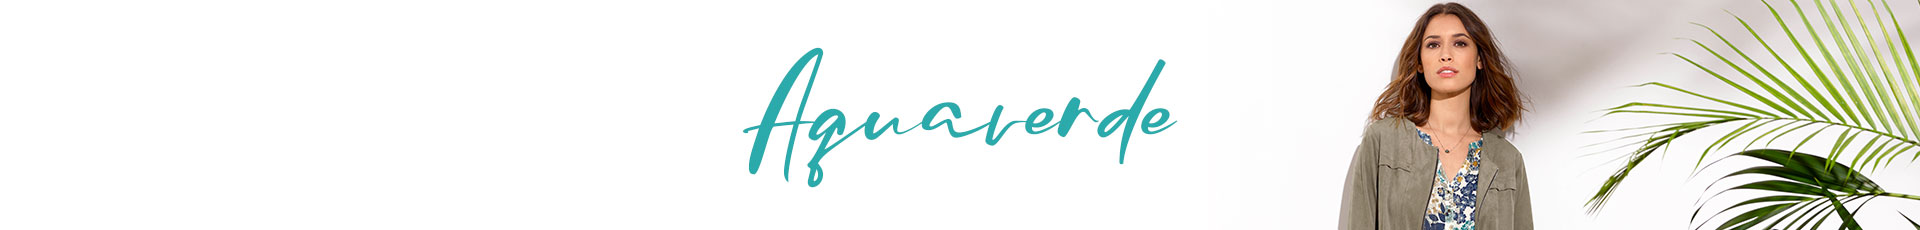 Aquaverde